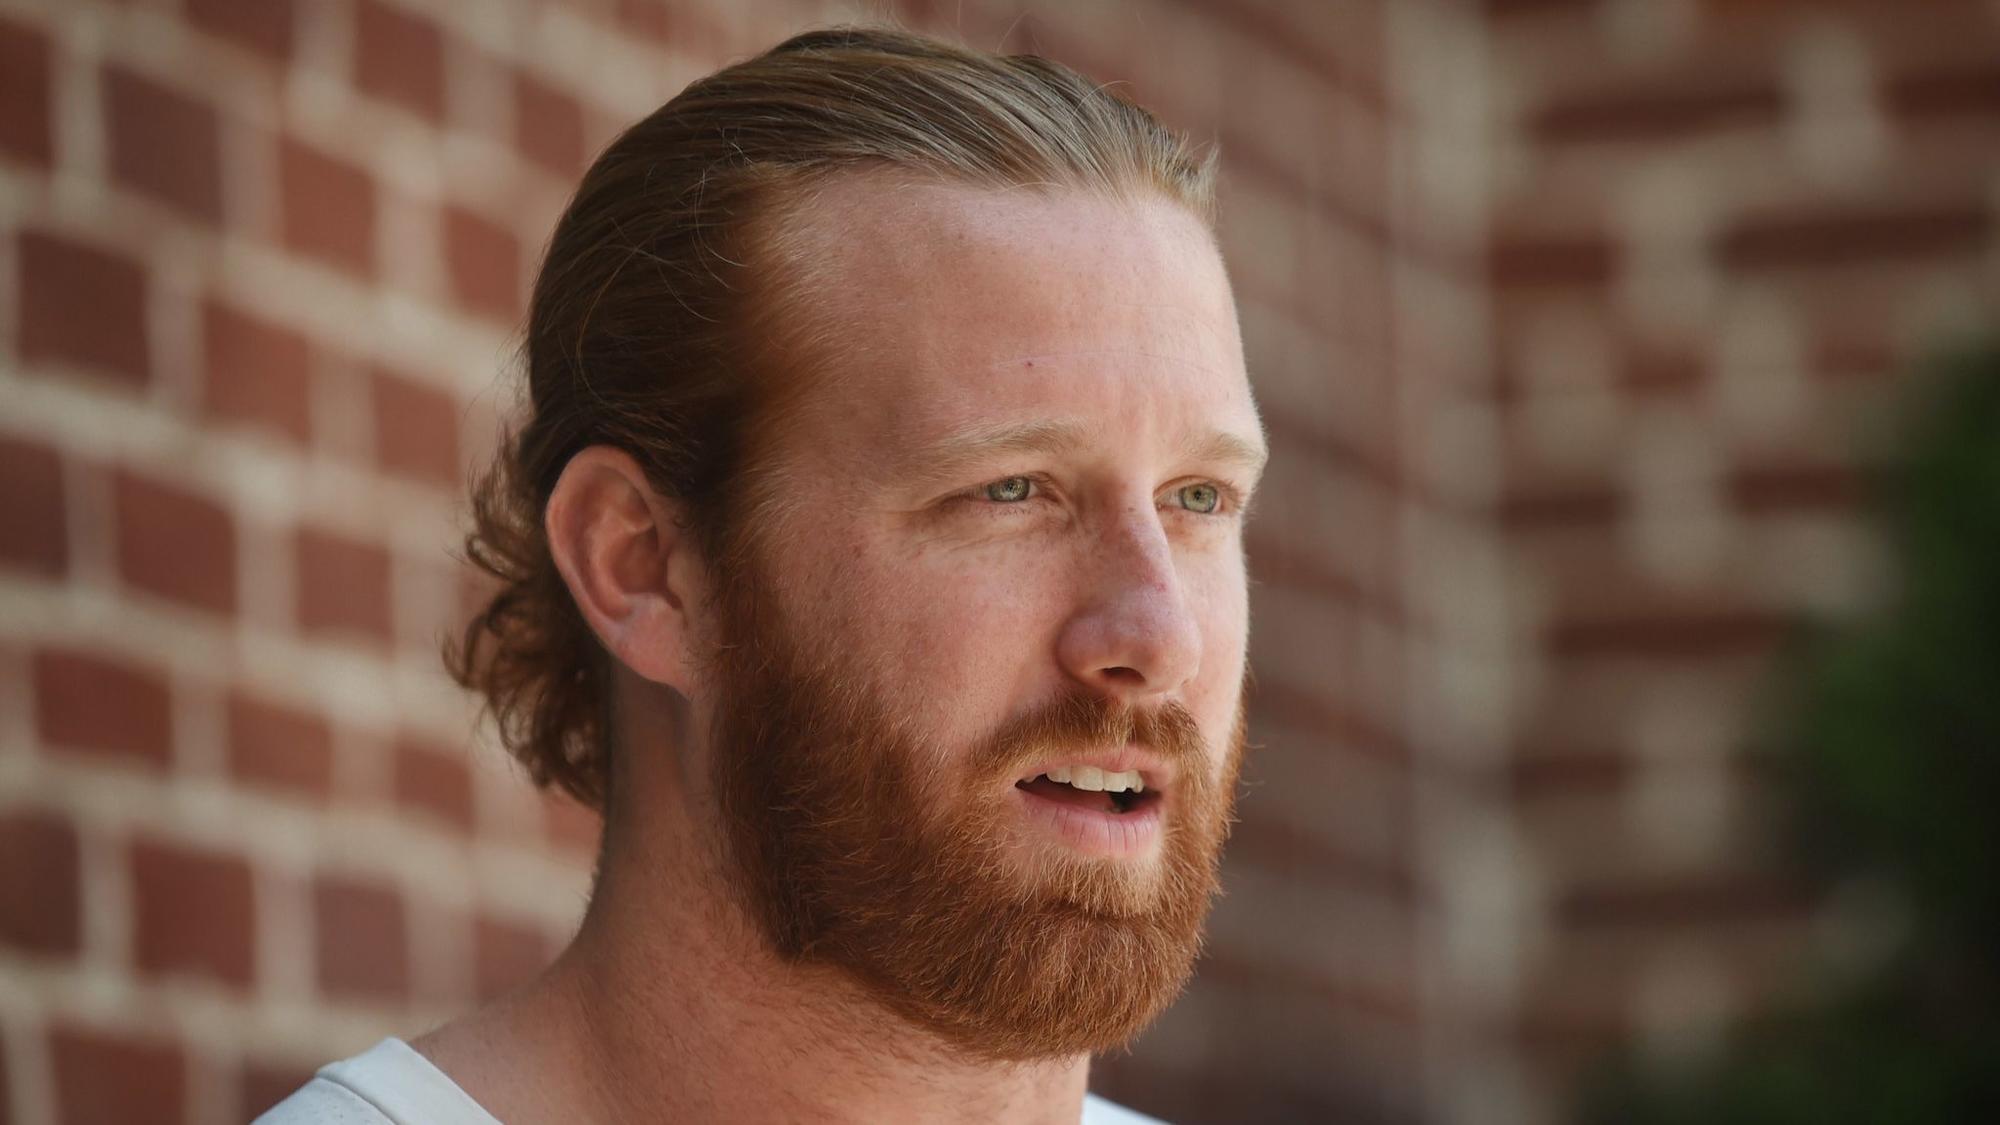 Hayden Hurst